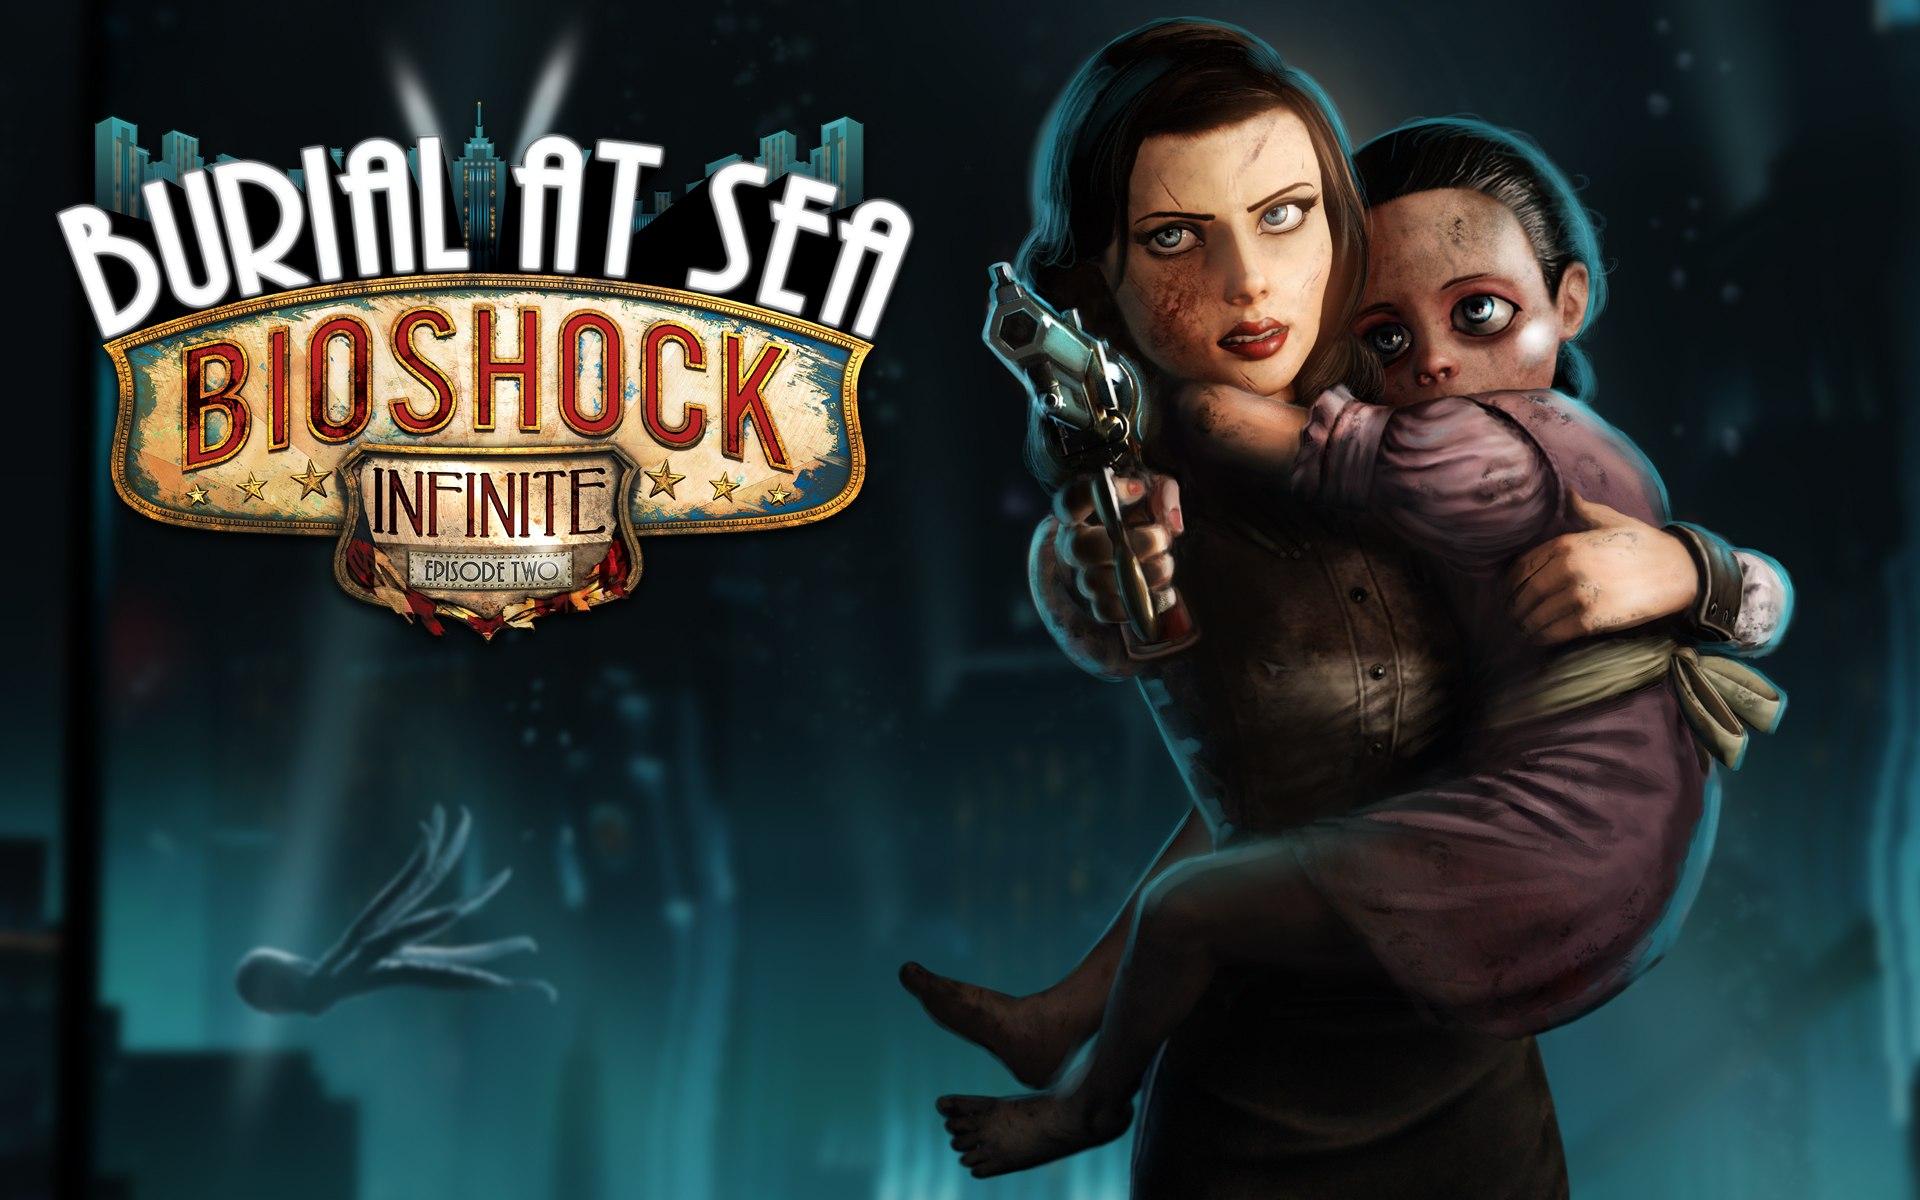 bioshock-infinite_Burial at sea 2